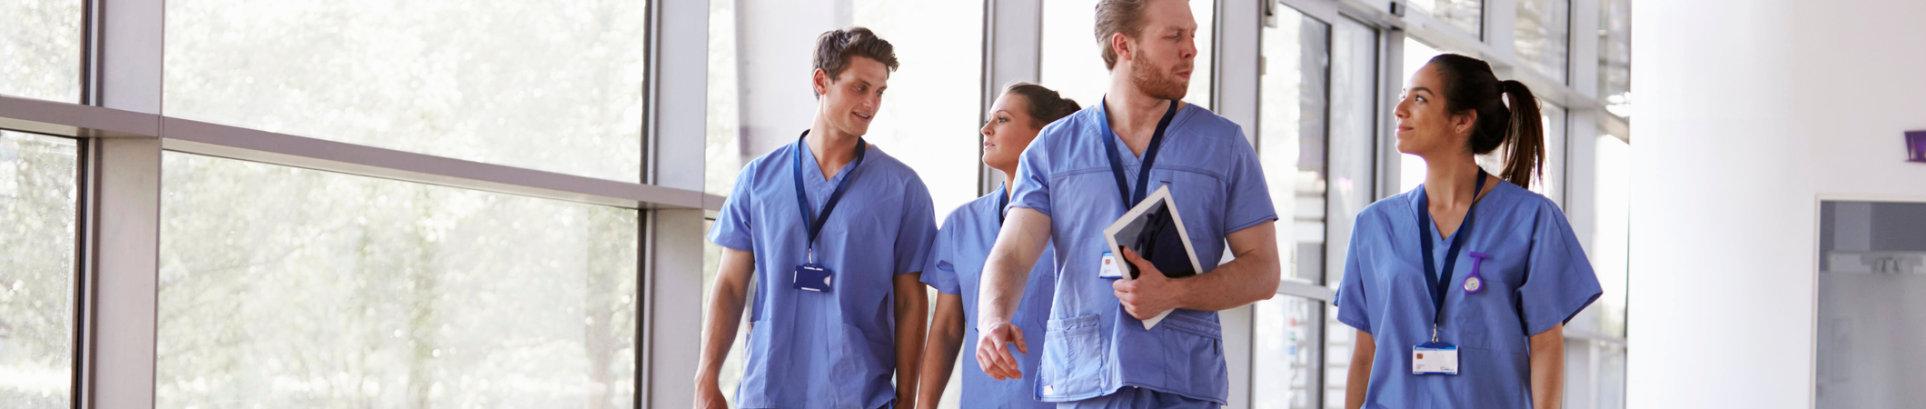 care agencies in Croydon